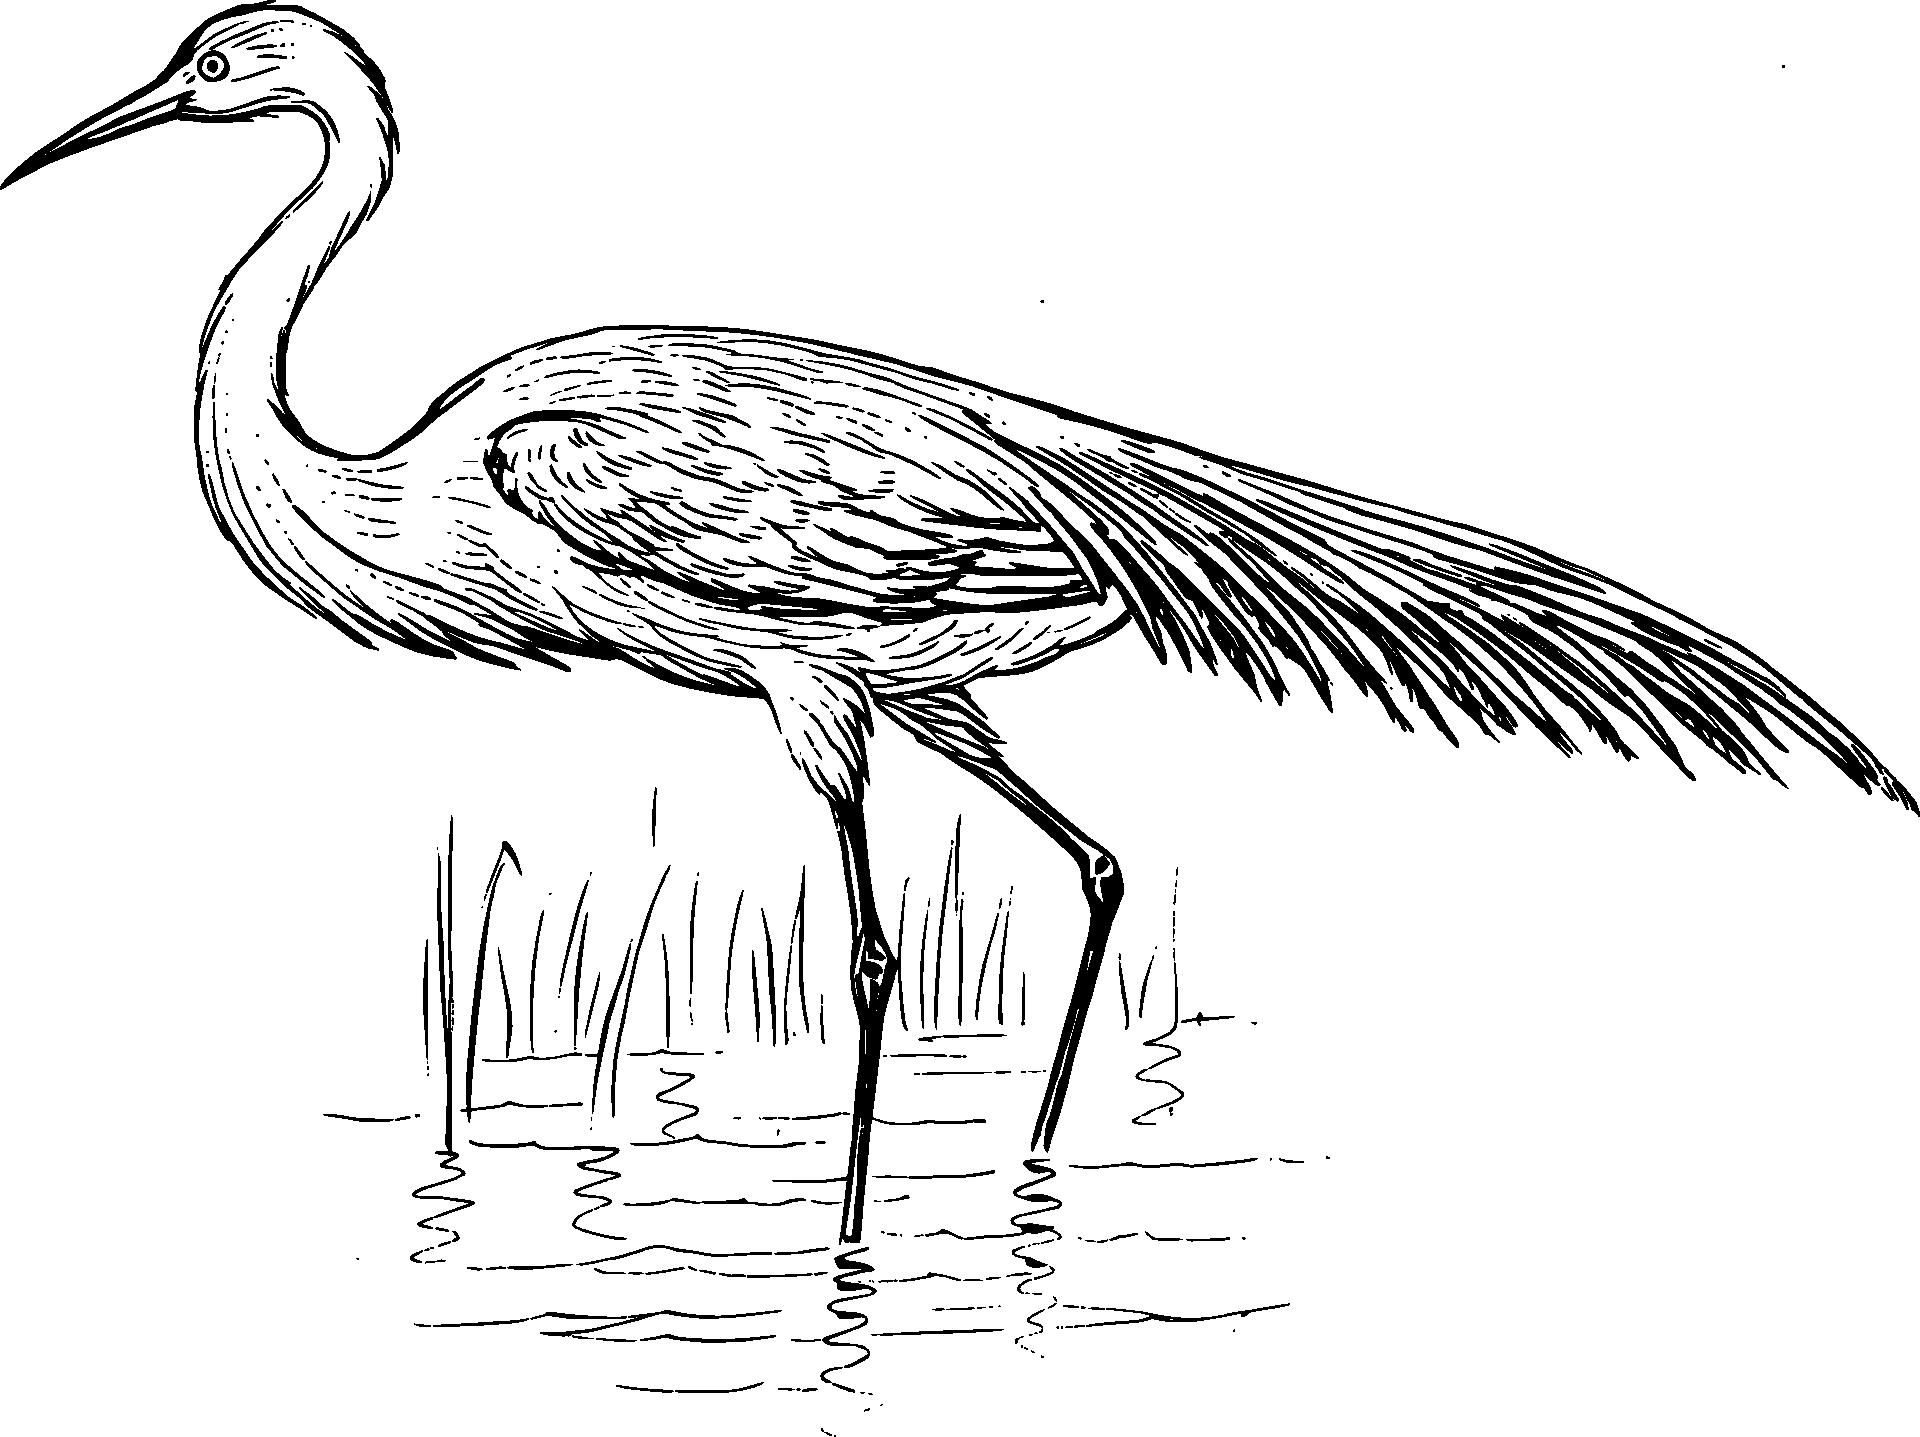 Egret Bird Standing In Water Sketch Free Image